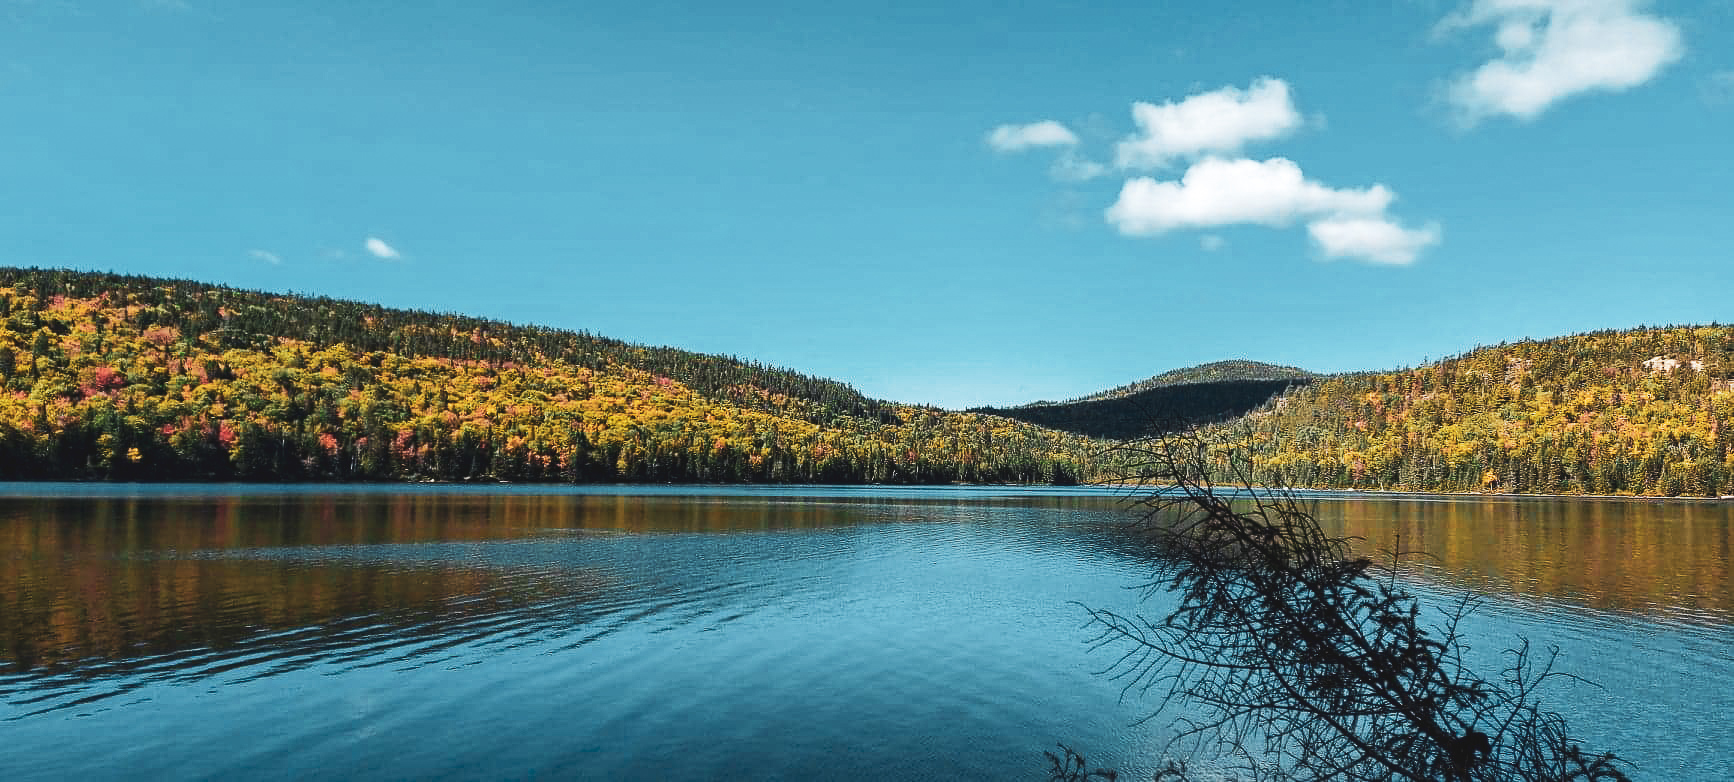 En premier plan se trouve un grand lac qui reflète le bleu du ciel. Derrière, la forêt est jaune, orange, verte et rouge.